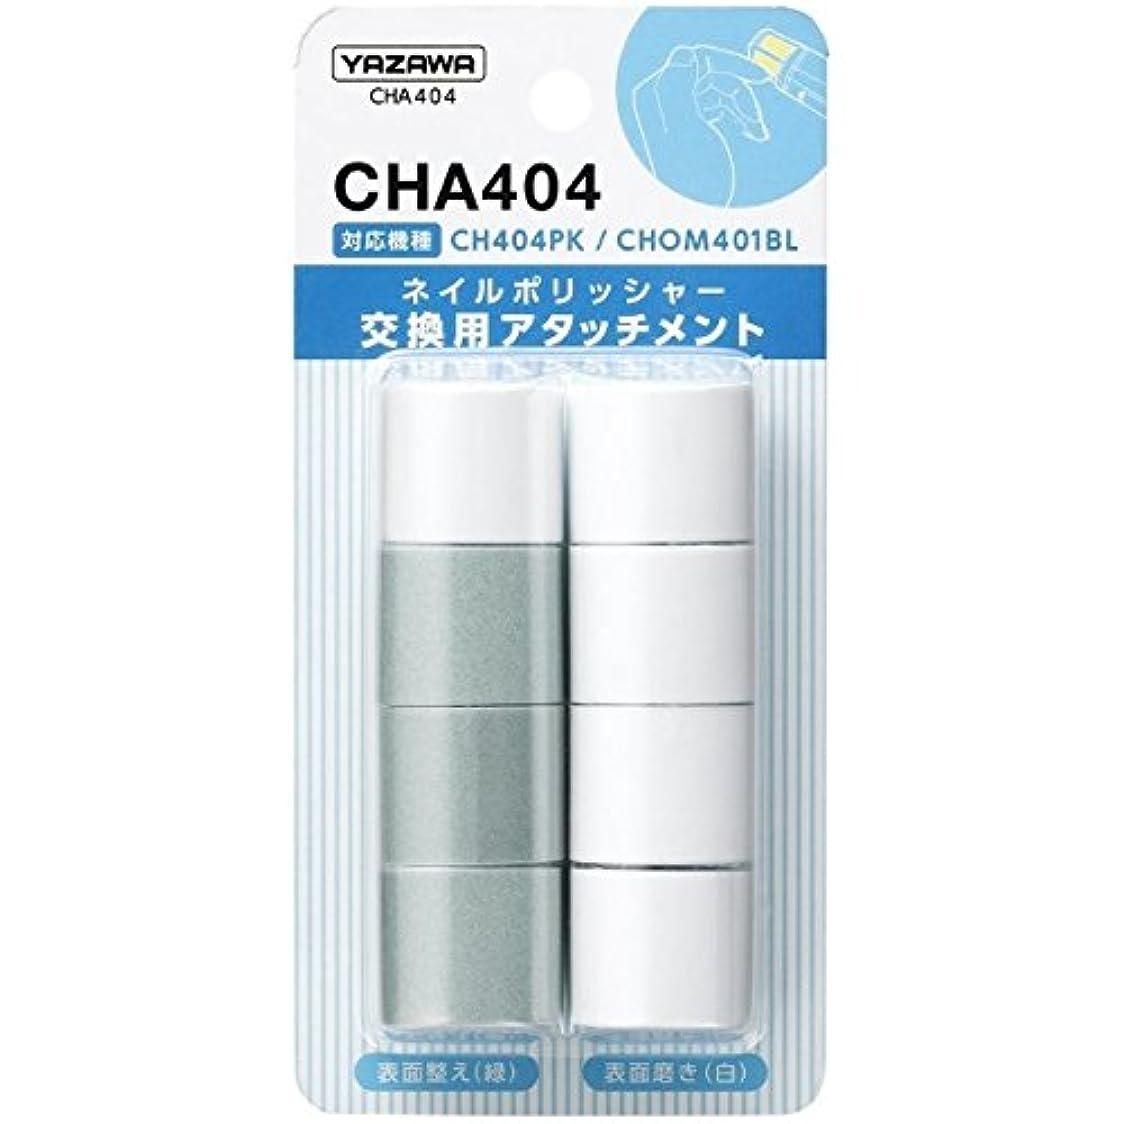 心からスーパーマーケット労働者YAZAWA(ヤザワコーポレーション) ネイルポリッシャー交換用アタッチメント CHA404